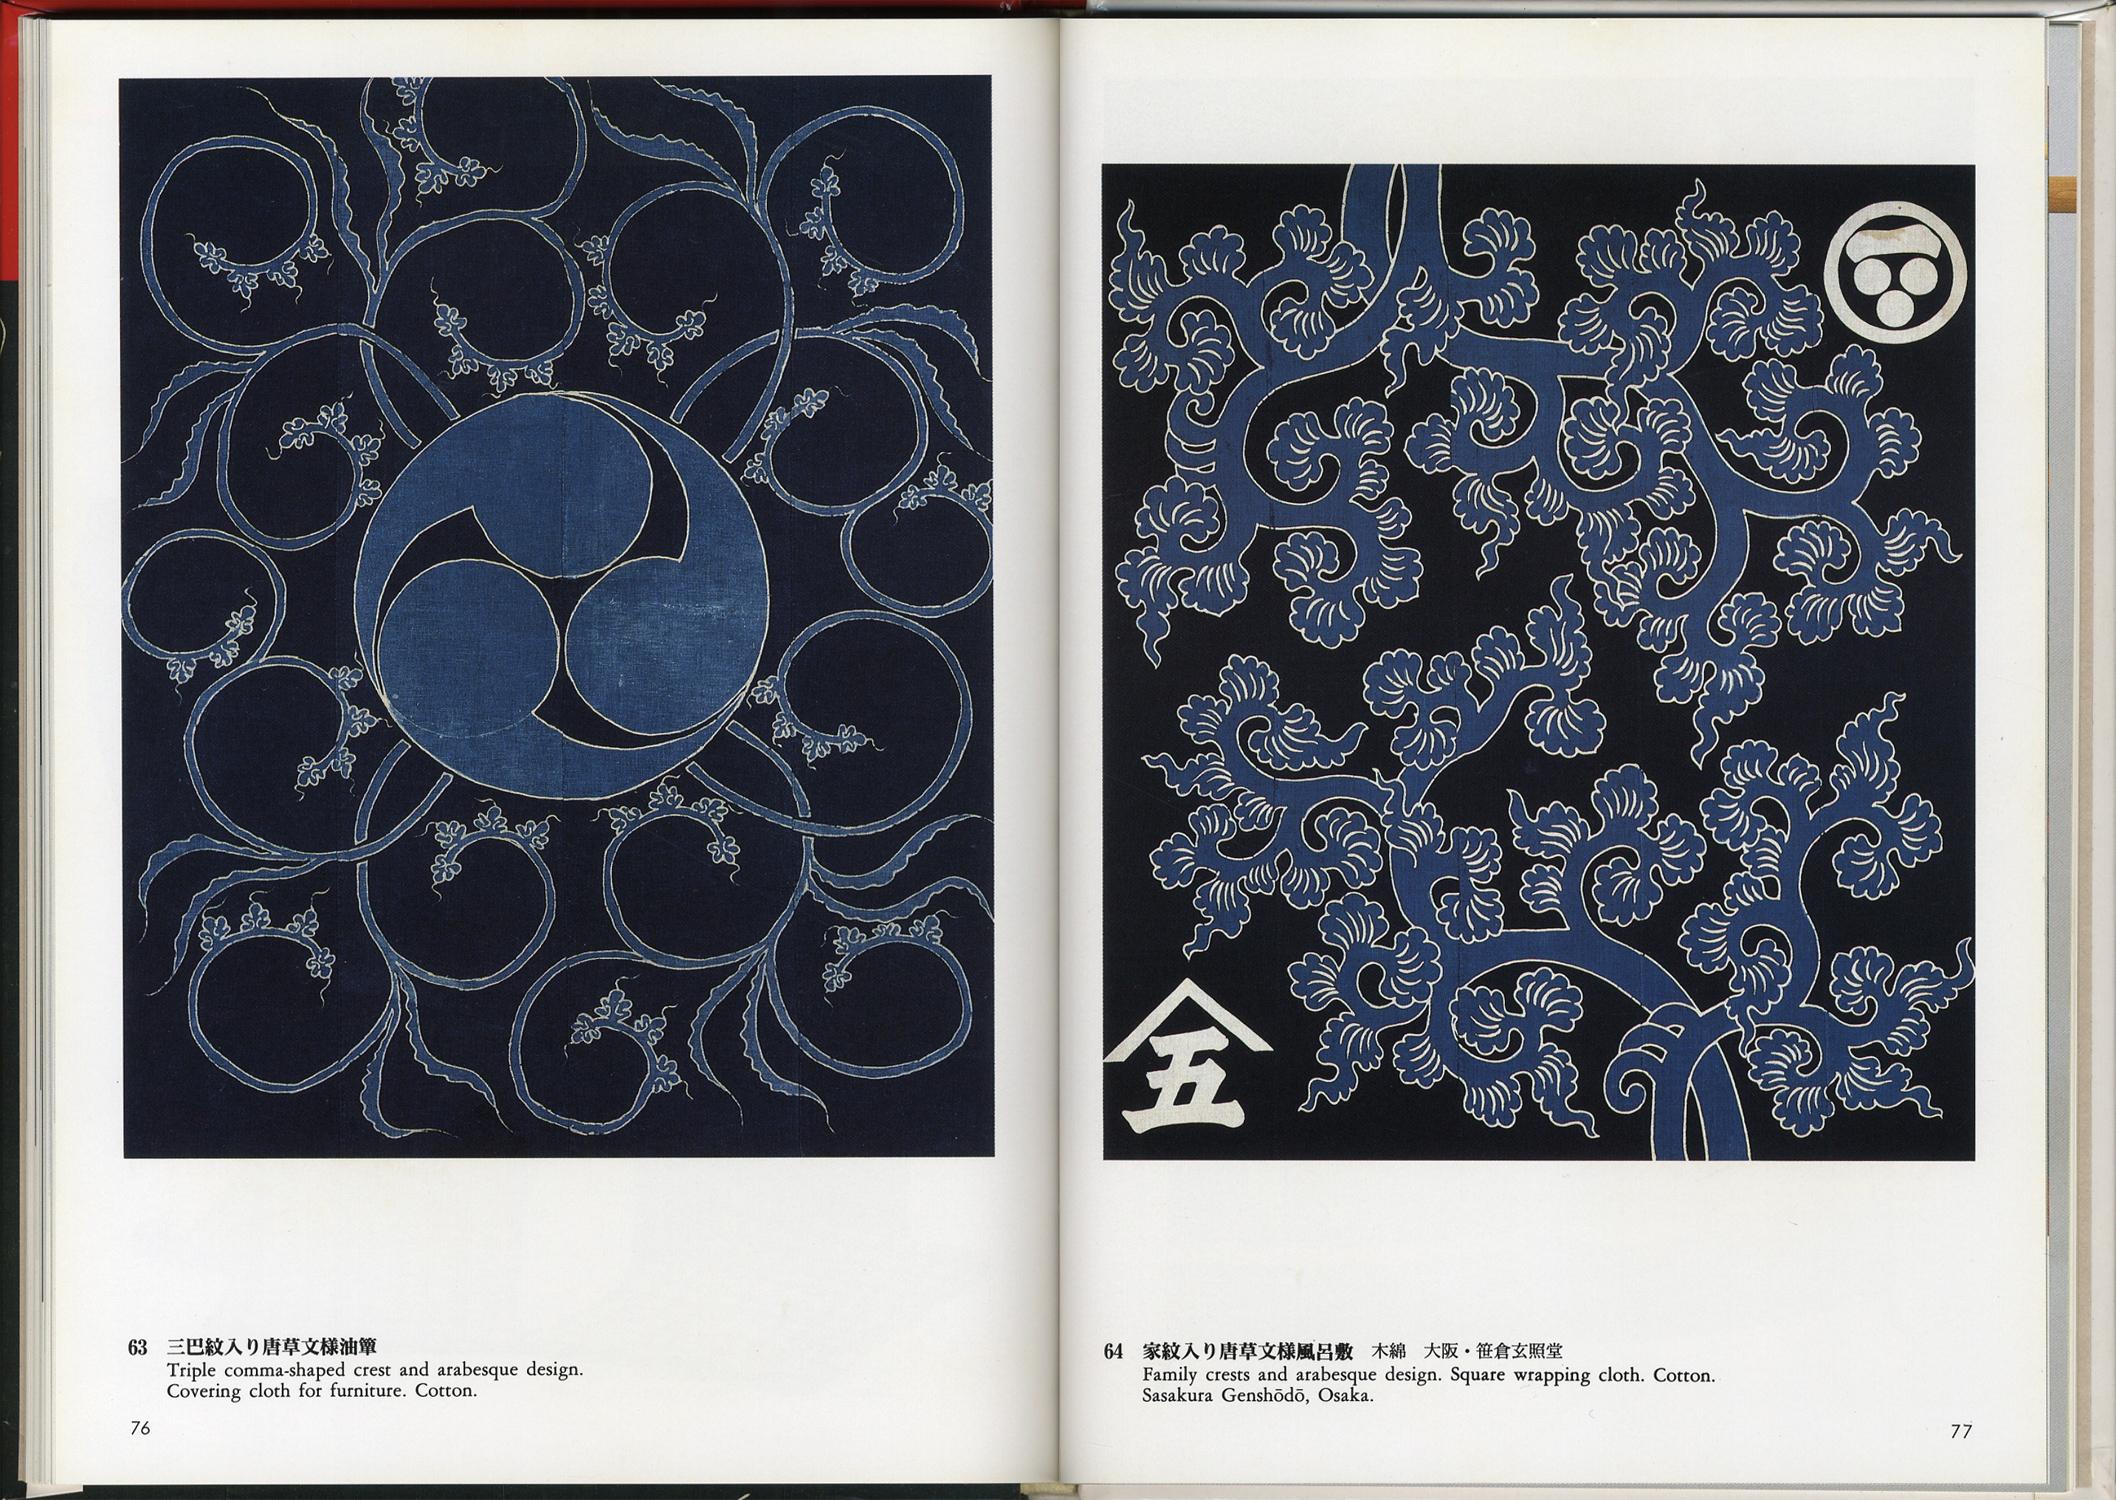 筒描 Tsutsugaki Textiles 日本の染織14[image3]